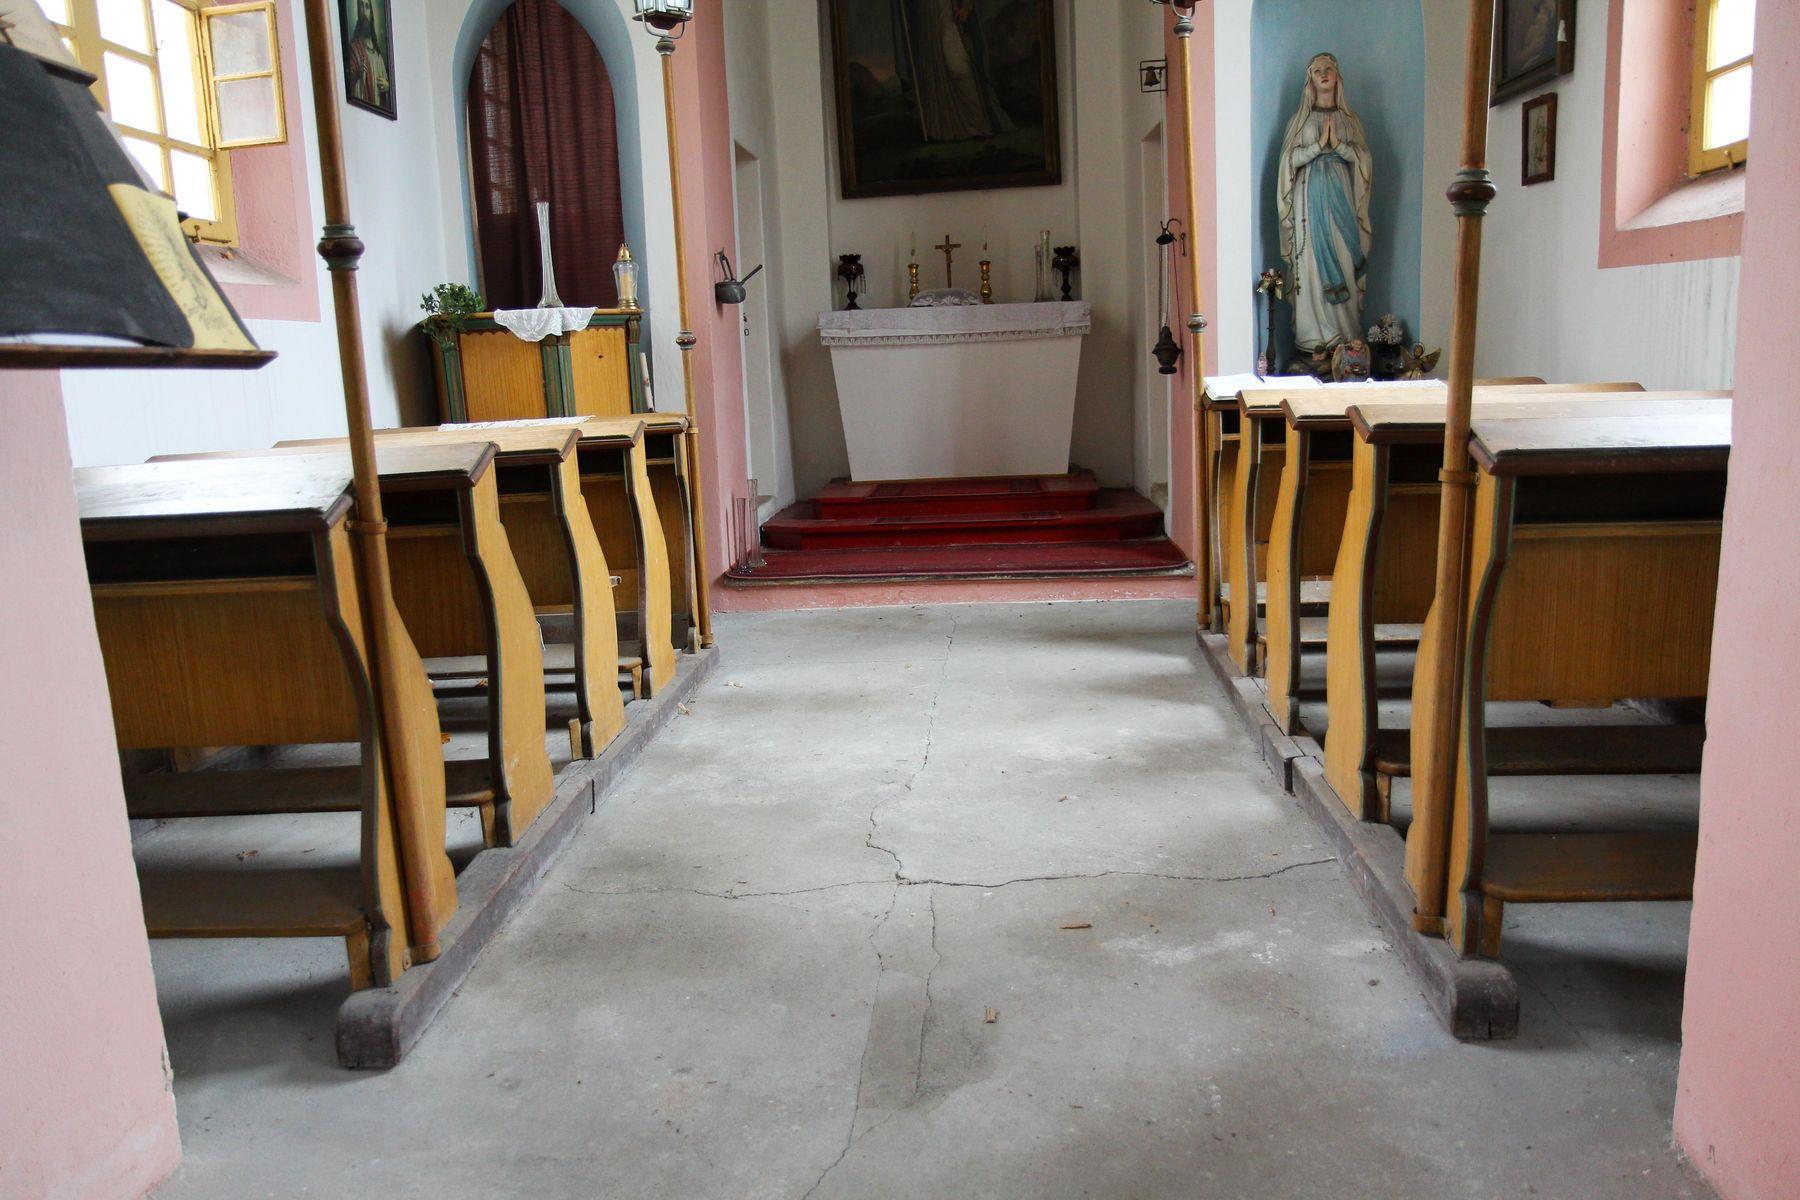 Restaurovali jsme kostelní lavice v kostele sv. Prokopa v Otvovicích - Restaurování kostelní lavice před restaurováním 05